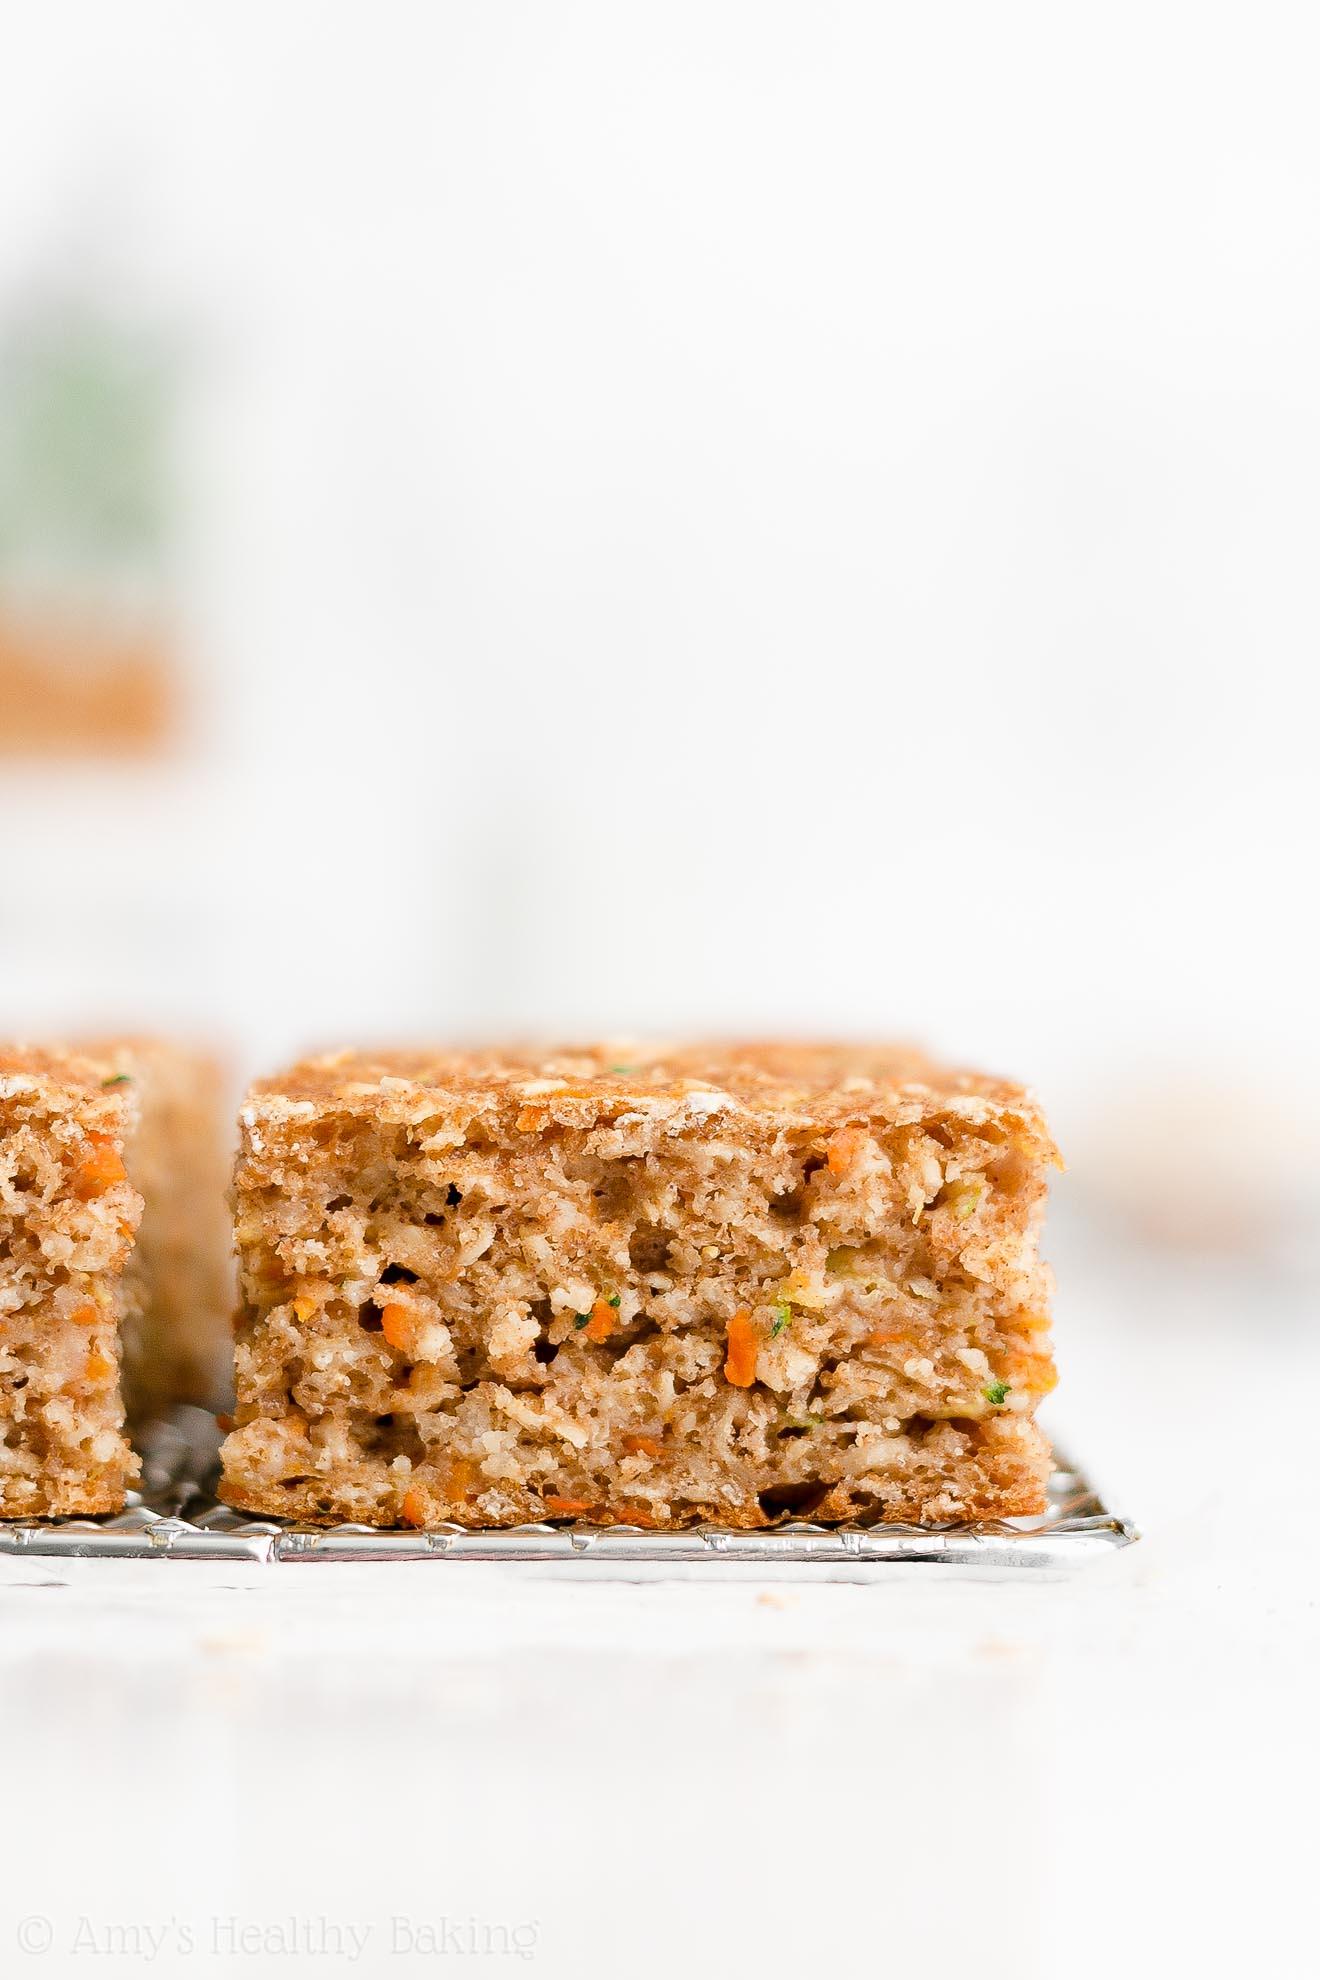 Easy Healthy Whole Wheat Greek Yogurt Carrot Zucchini Oatmeal Snack Cake